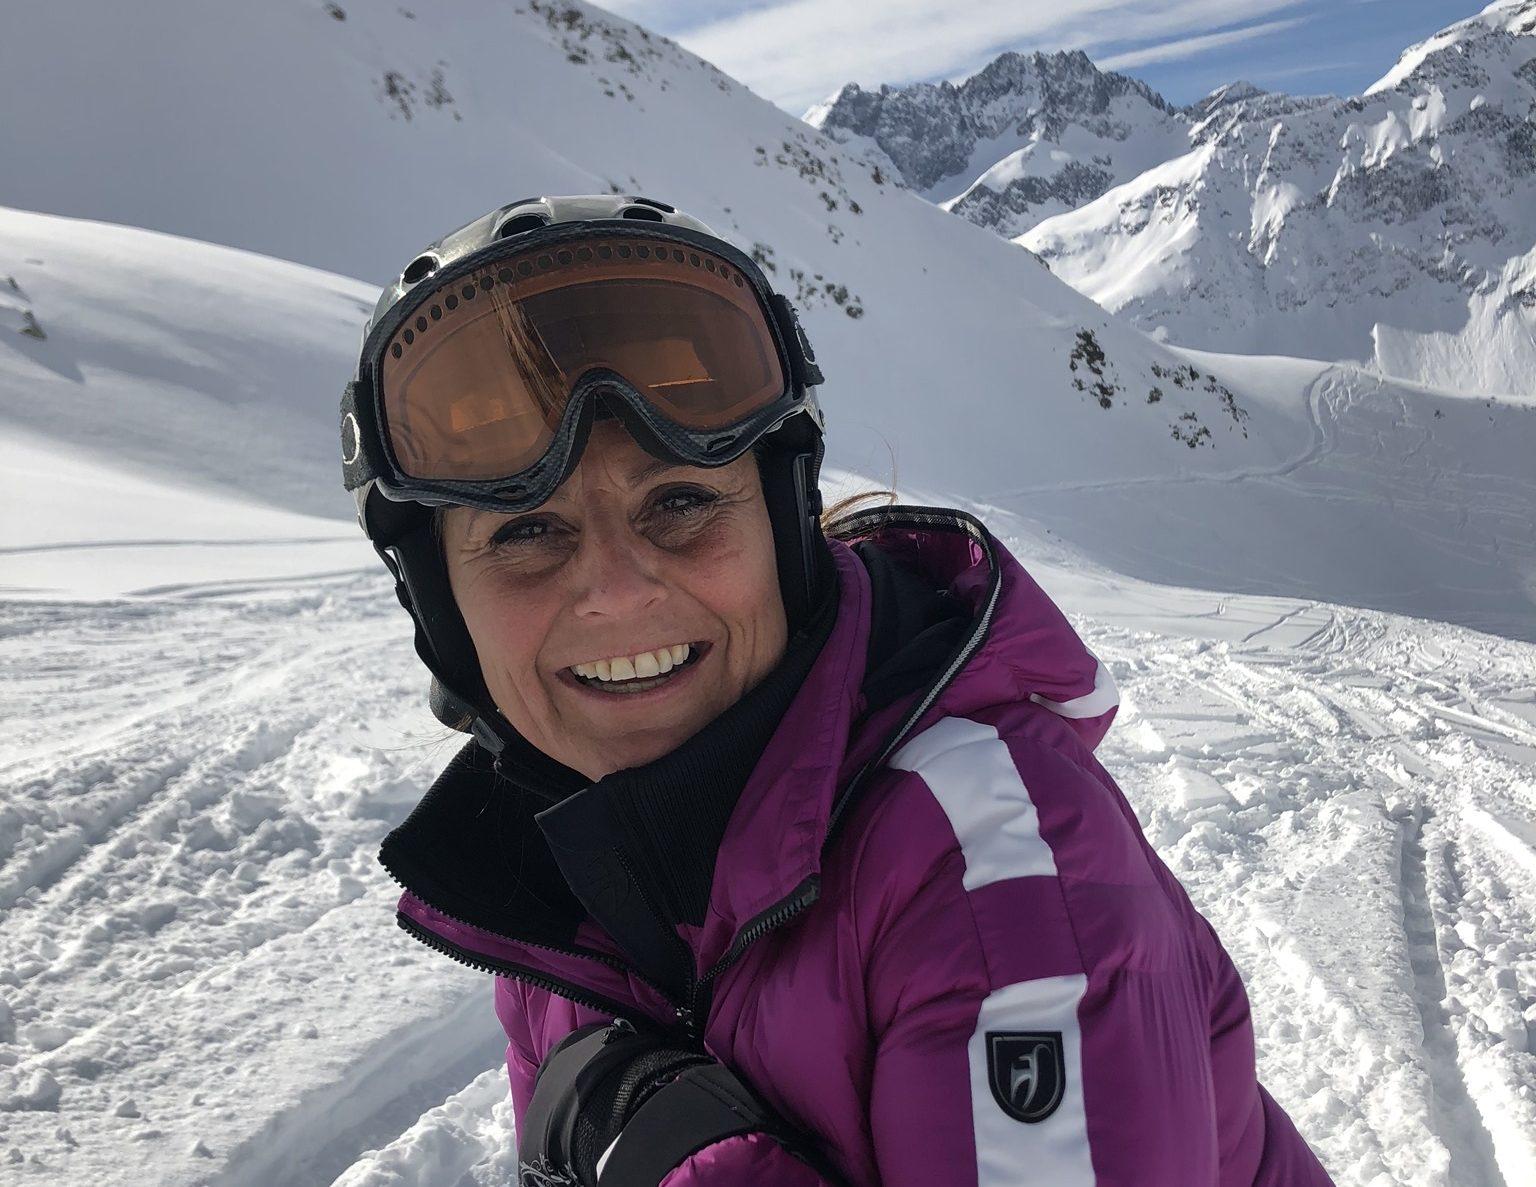 Lisbeth Nedergaard, kommunikationschef hos Spies og Sunclass Airlines, på skiferien i St. Anton i den østrigske del af Tyrol, hvor hun i de dage blev smittet med coronavirussen. Privatfoto.